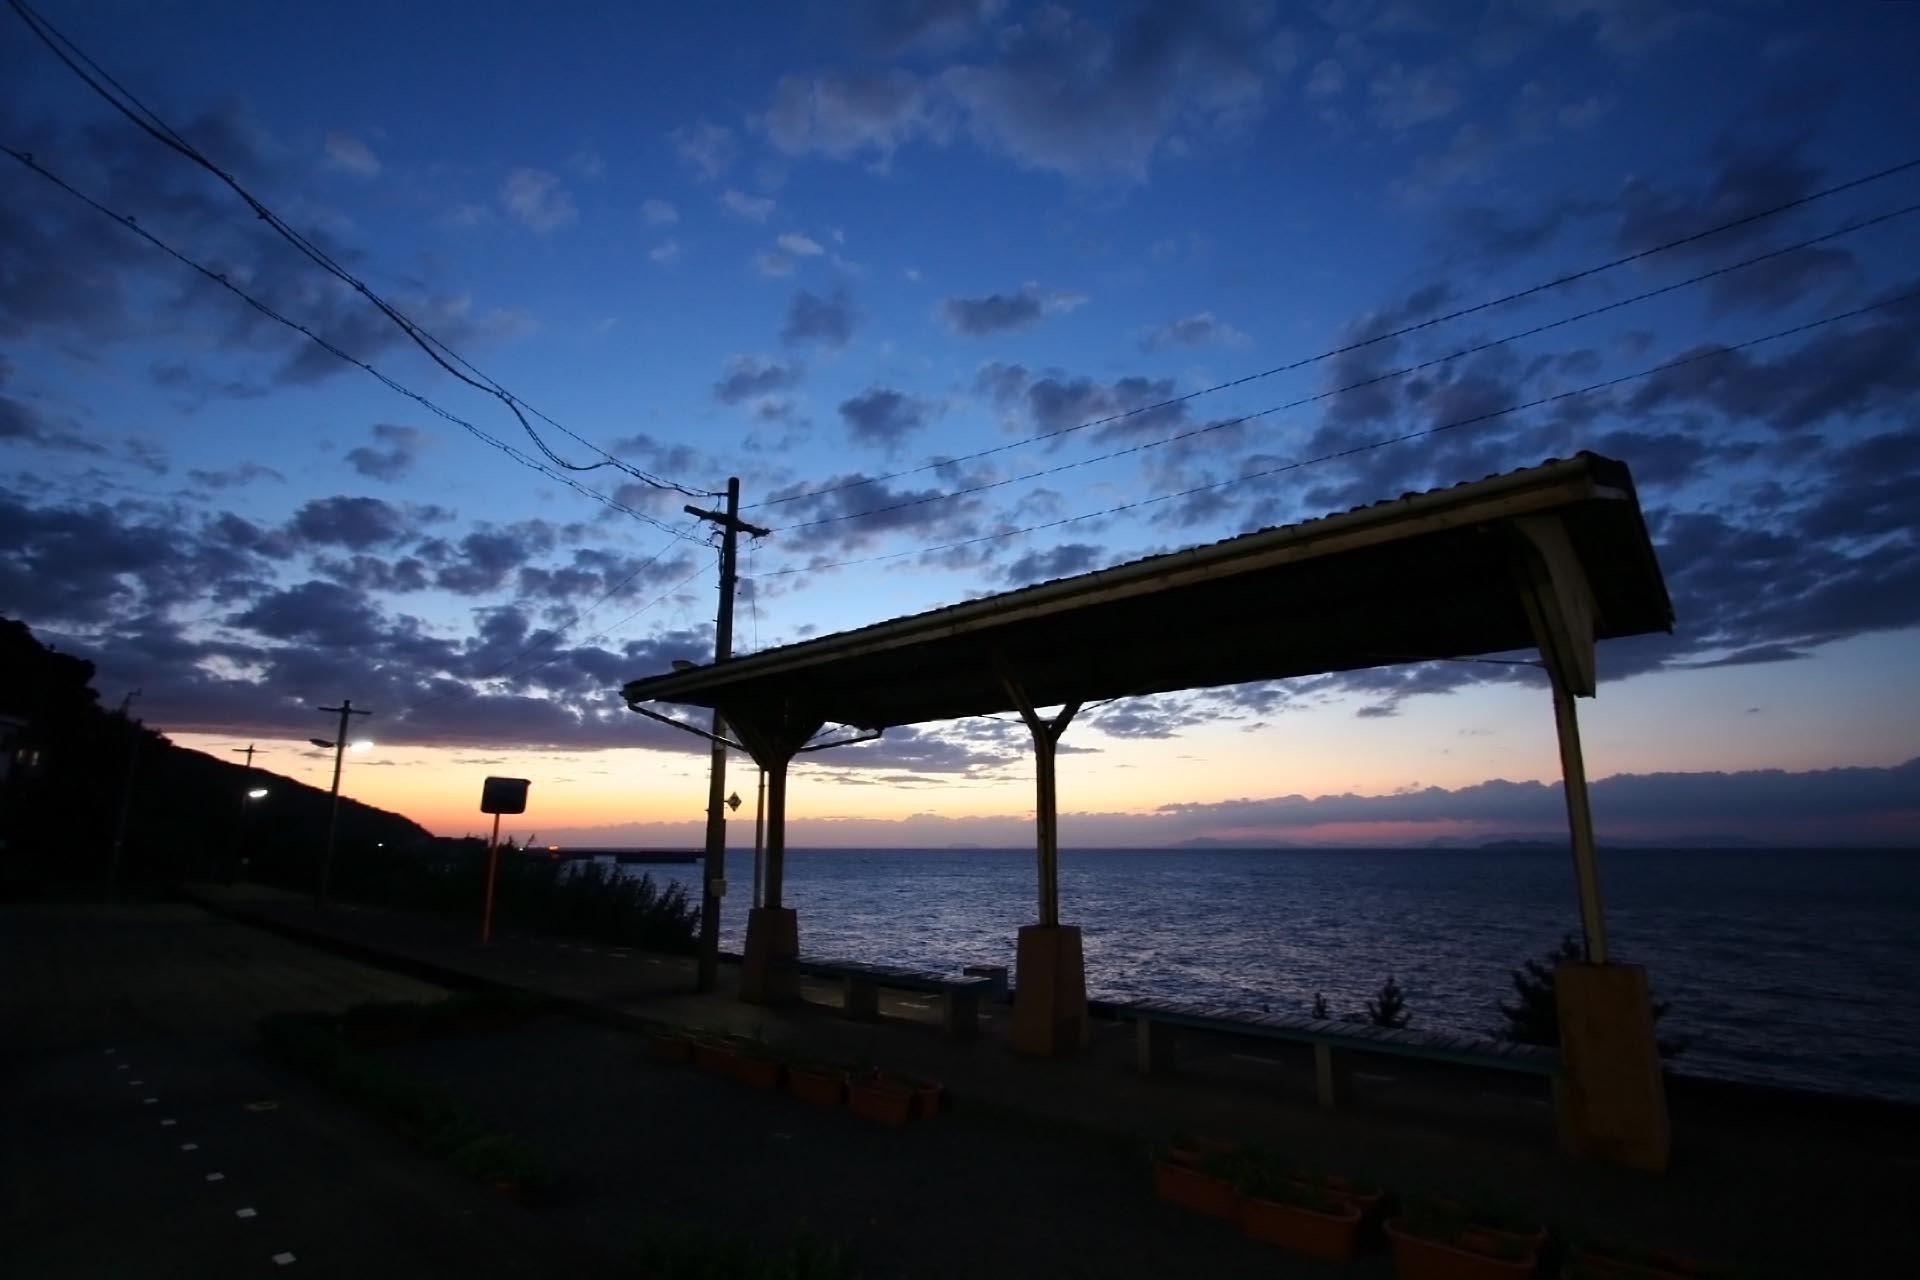 夕暮れの下灘駅 愛媛の風景